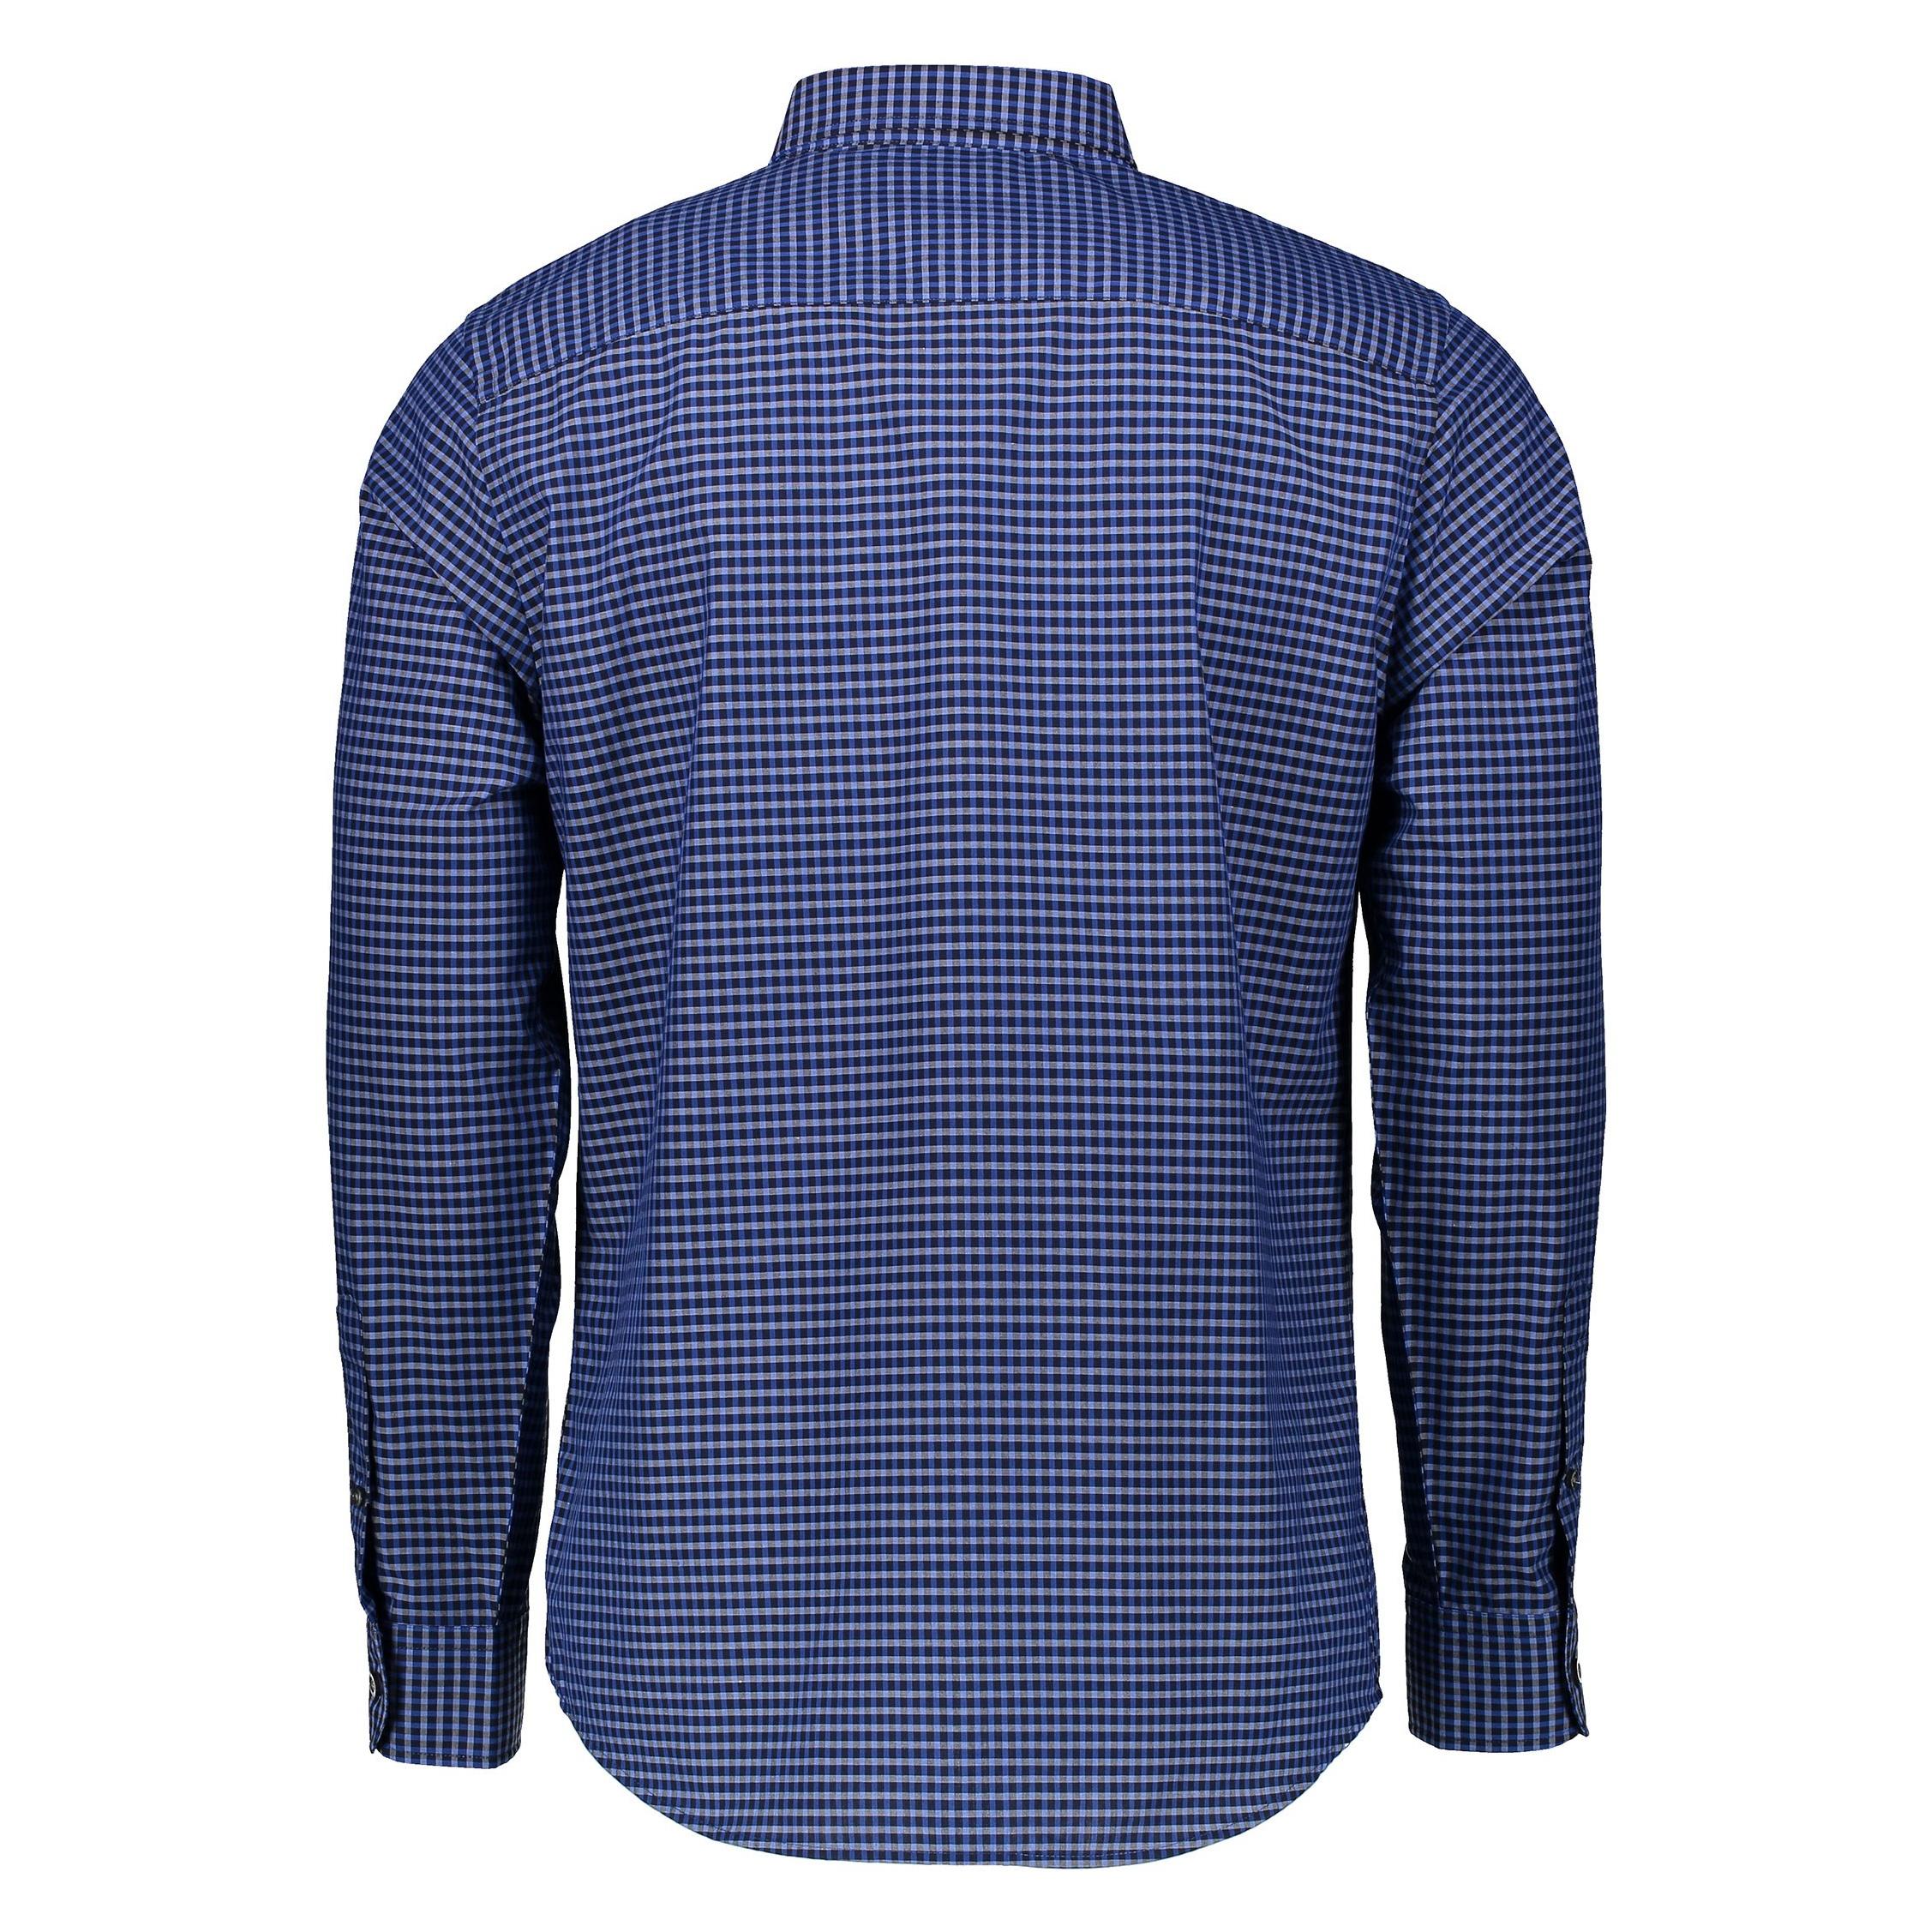 پیراهن نخی مردانه - کالکشن - آبي - 1